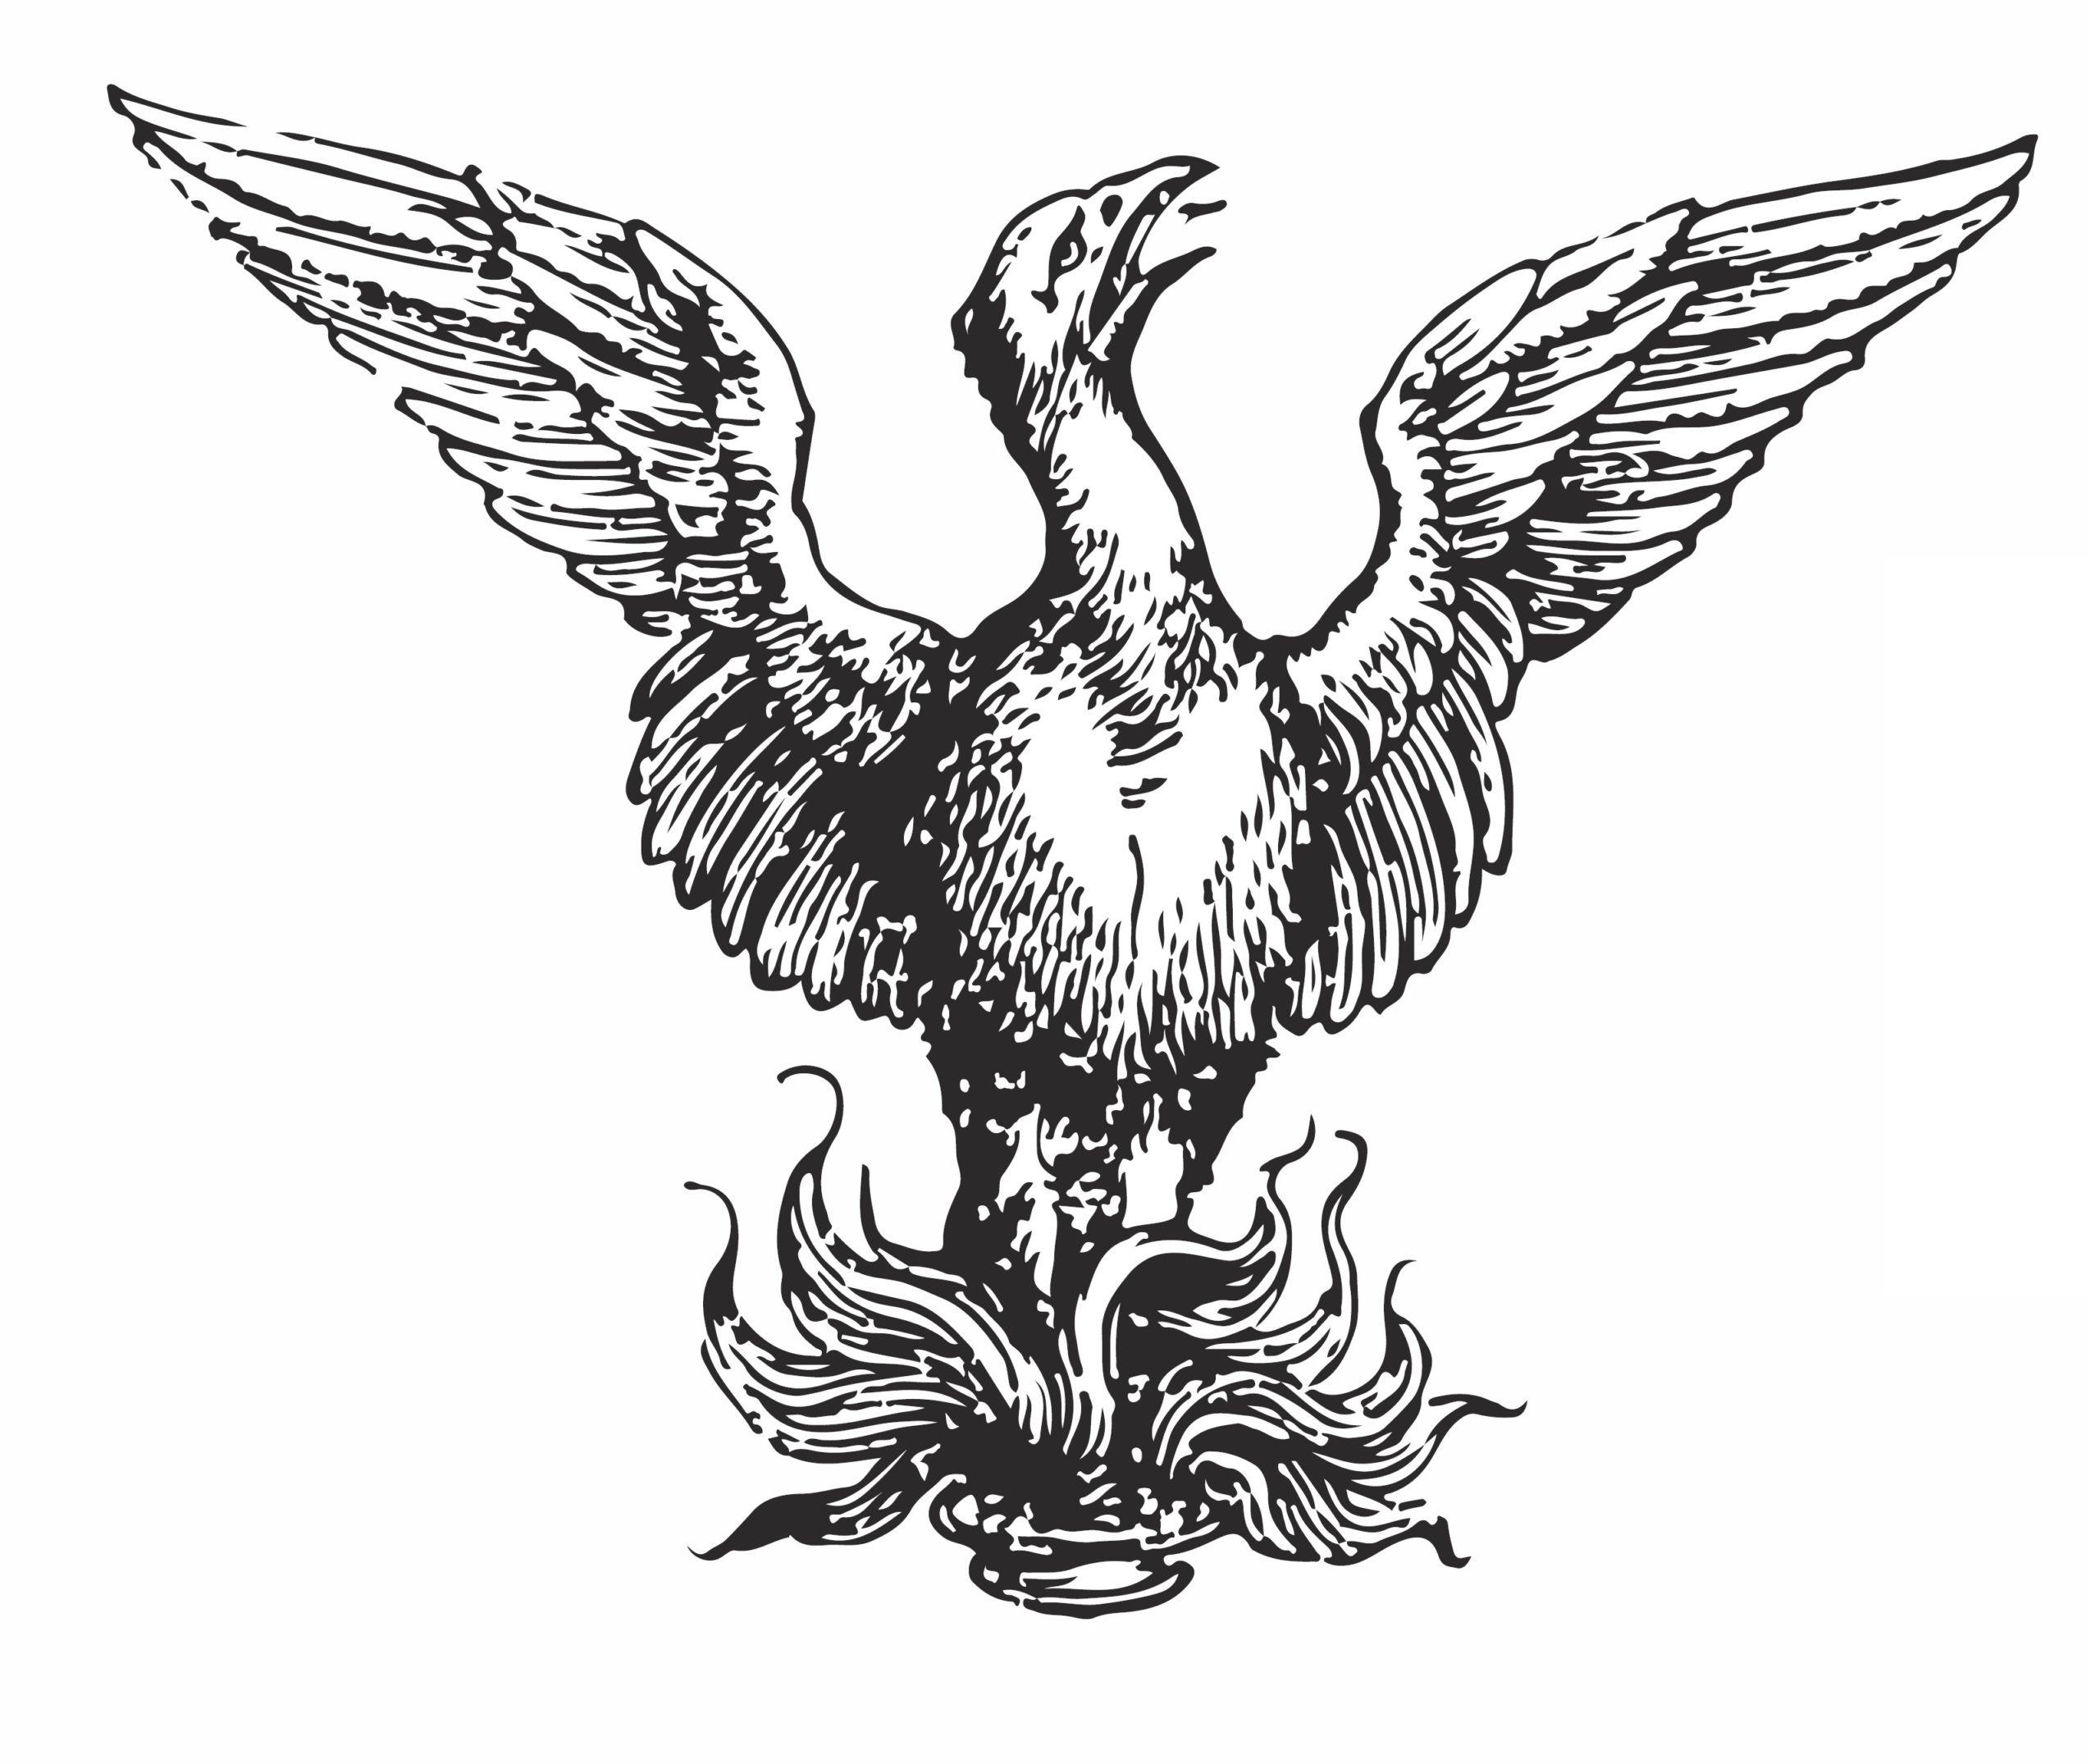 SRS Phoenix Logo  jpg 402 KB, 2560 by 2150 pixels